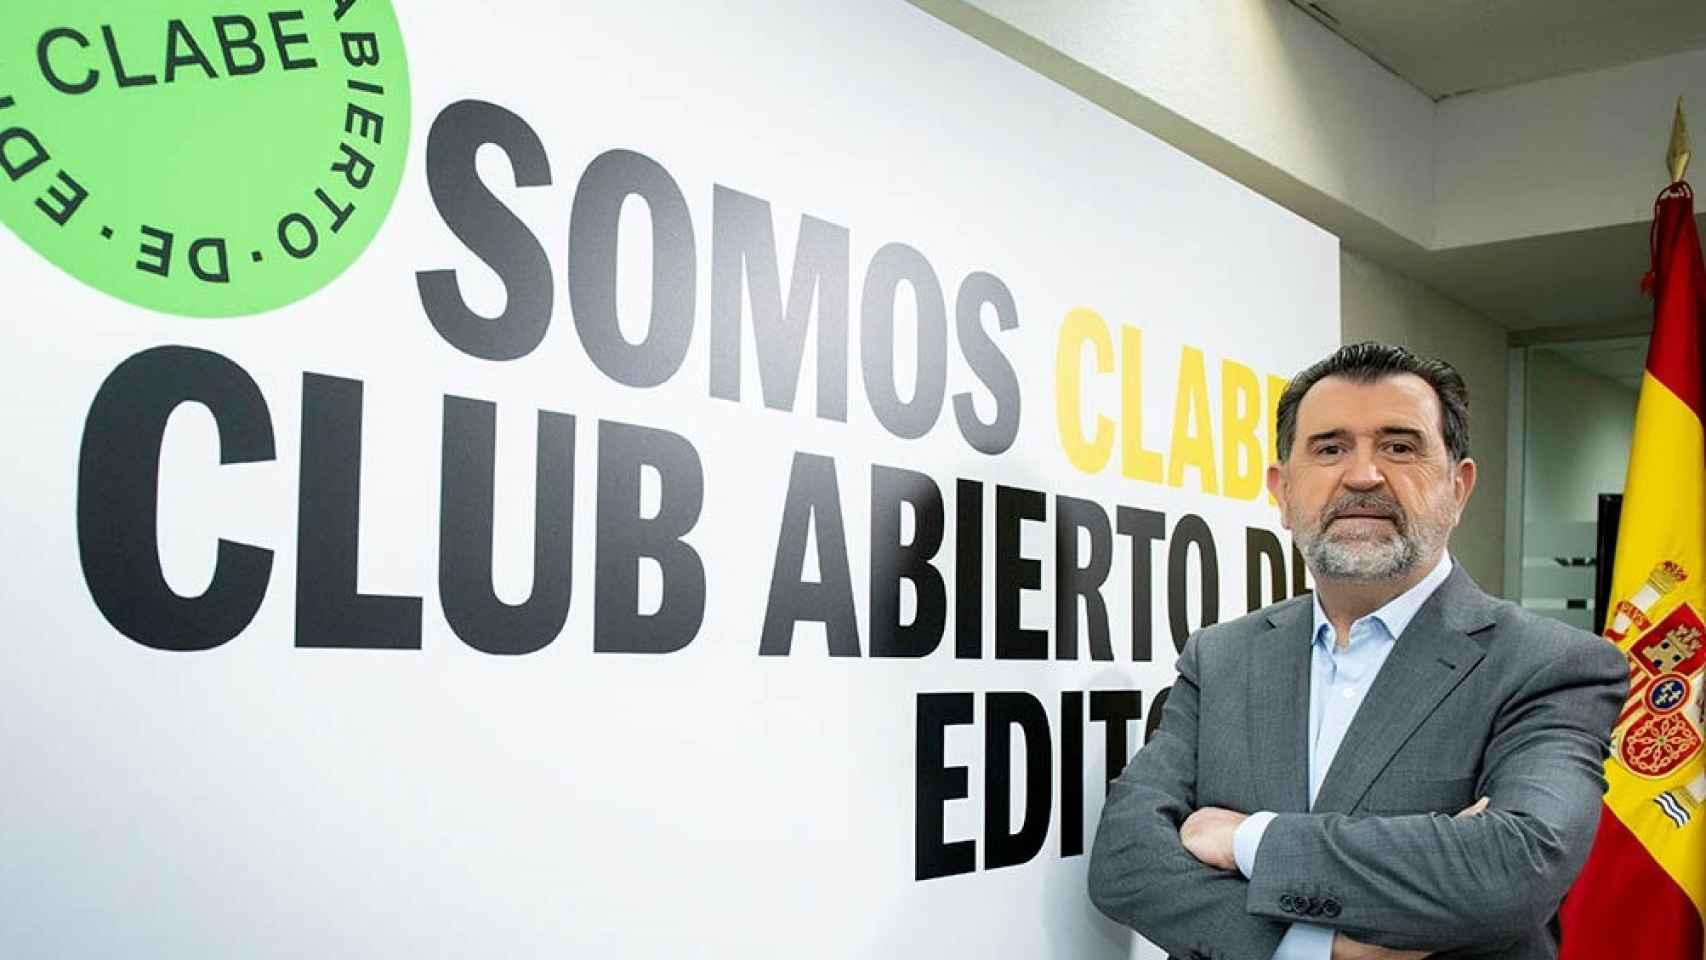 Arsenio Escolar, presidente de CLABE